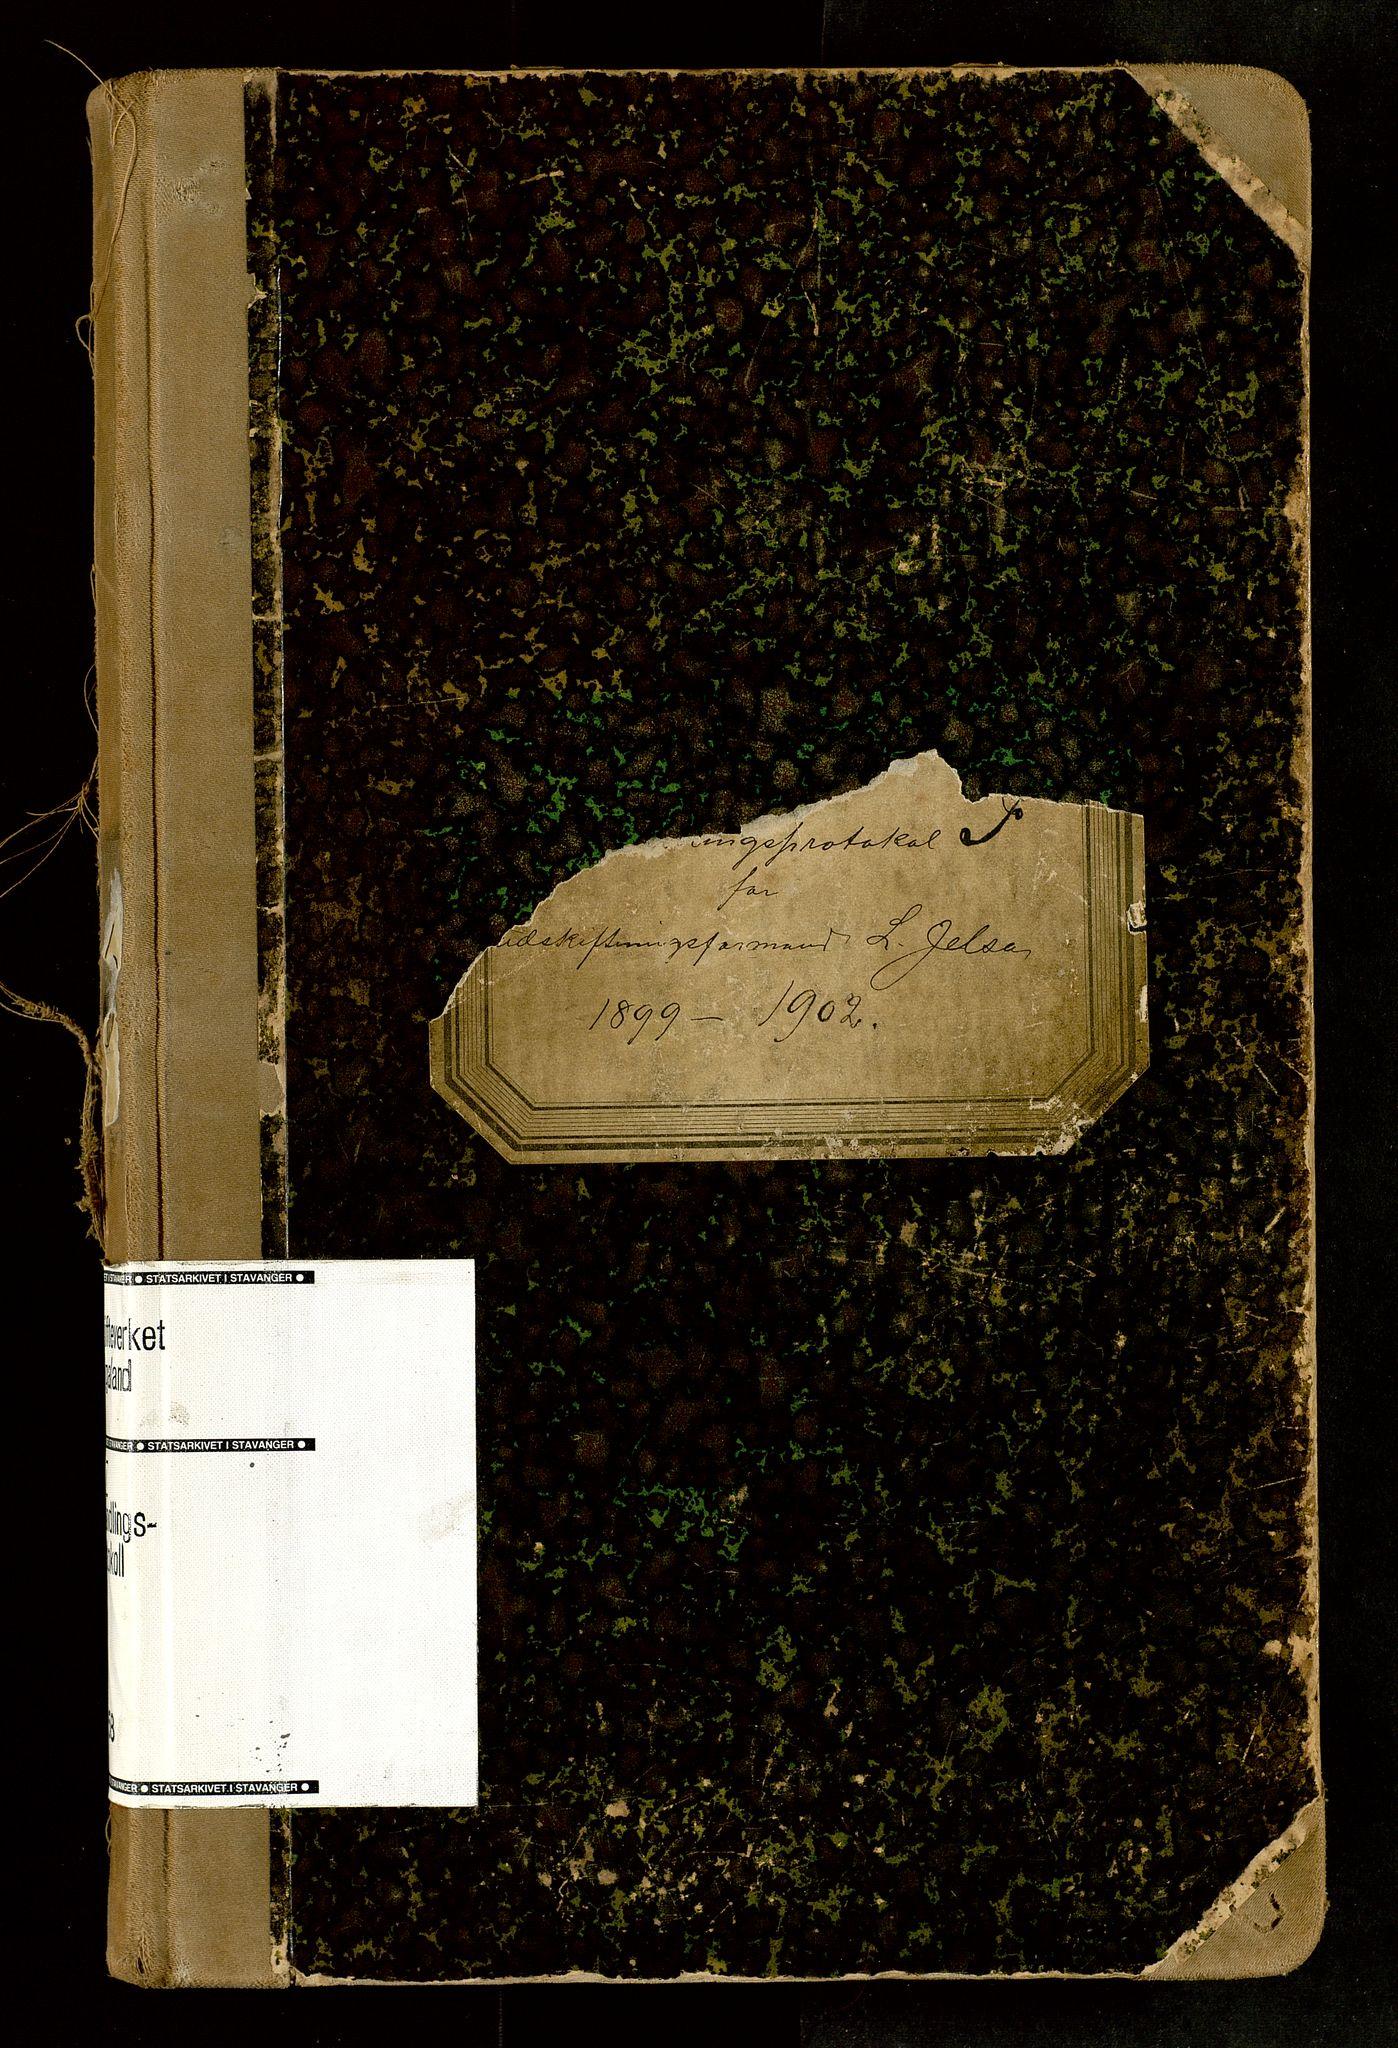 SAST, Rogaland jordskifterett, Oa/L0058: Forhandlingsprotokoll, 1899-1902